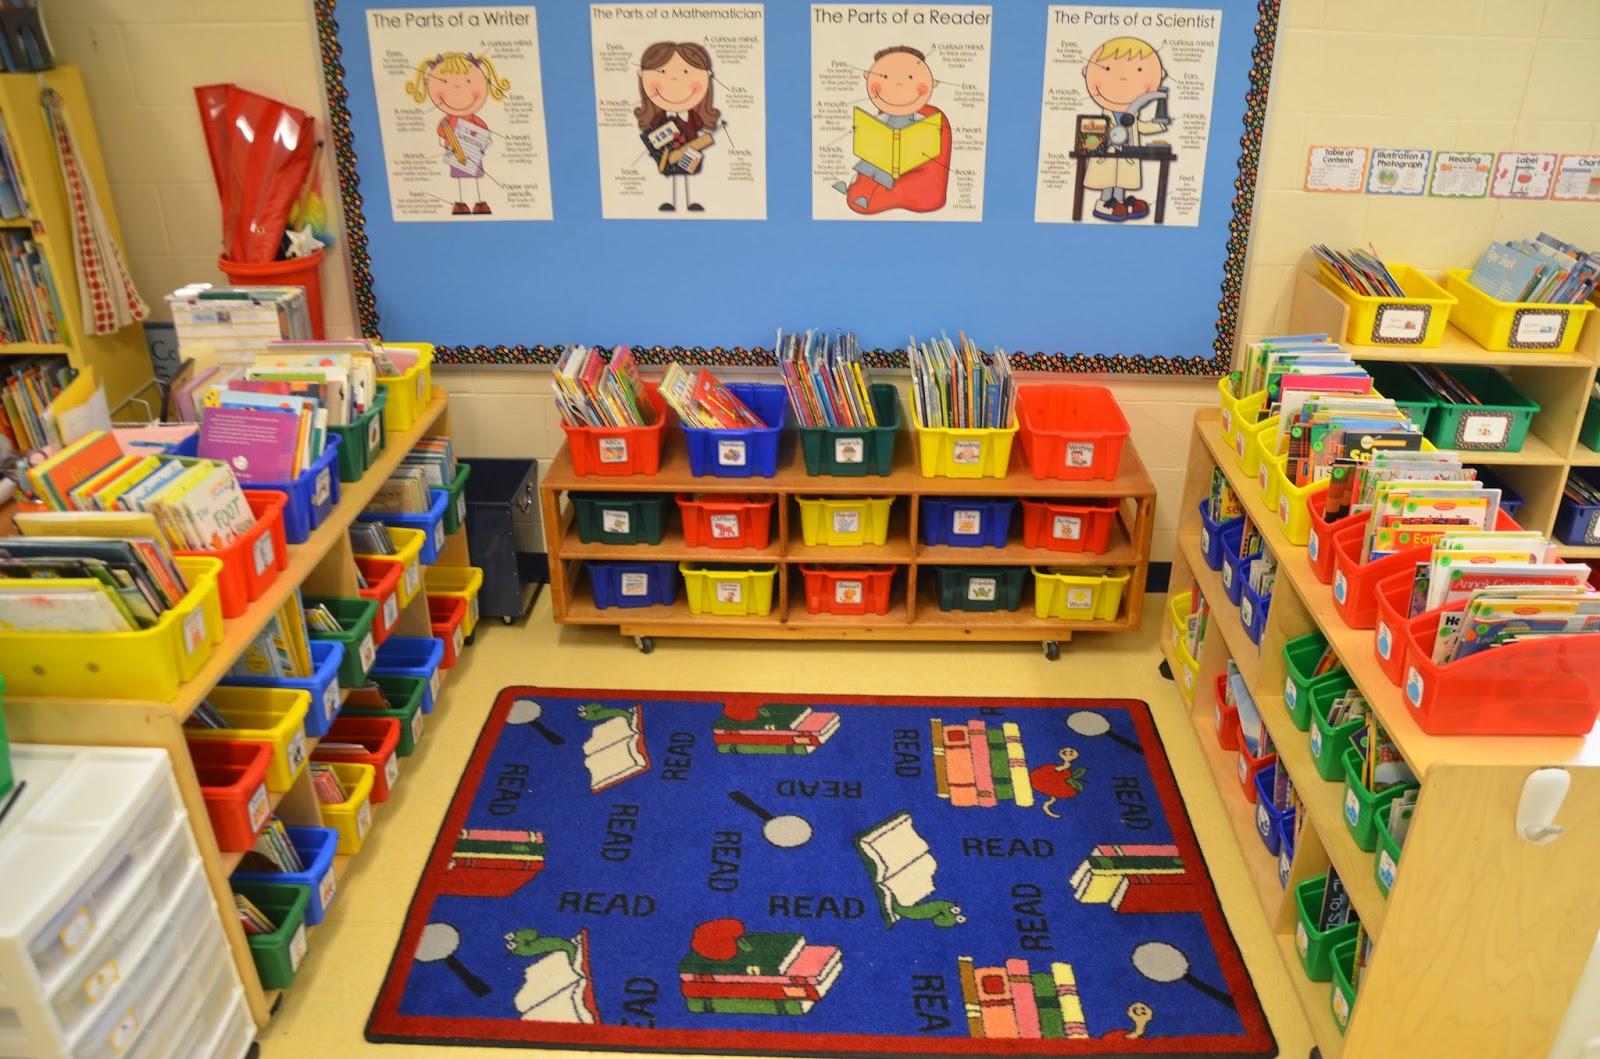 Kinder Garden: A Place Called Kindergarten: Classroom Tour 2014